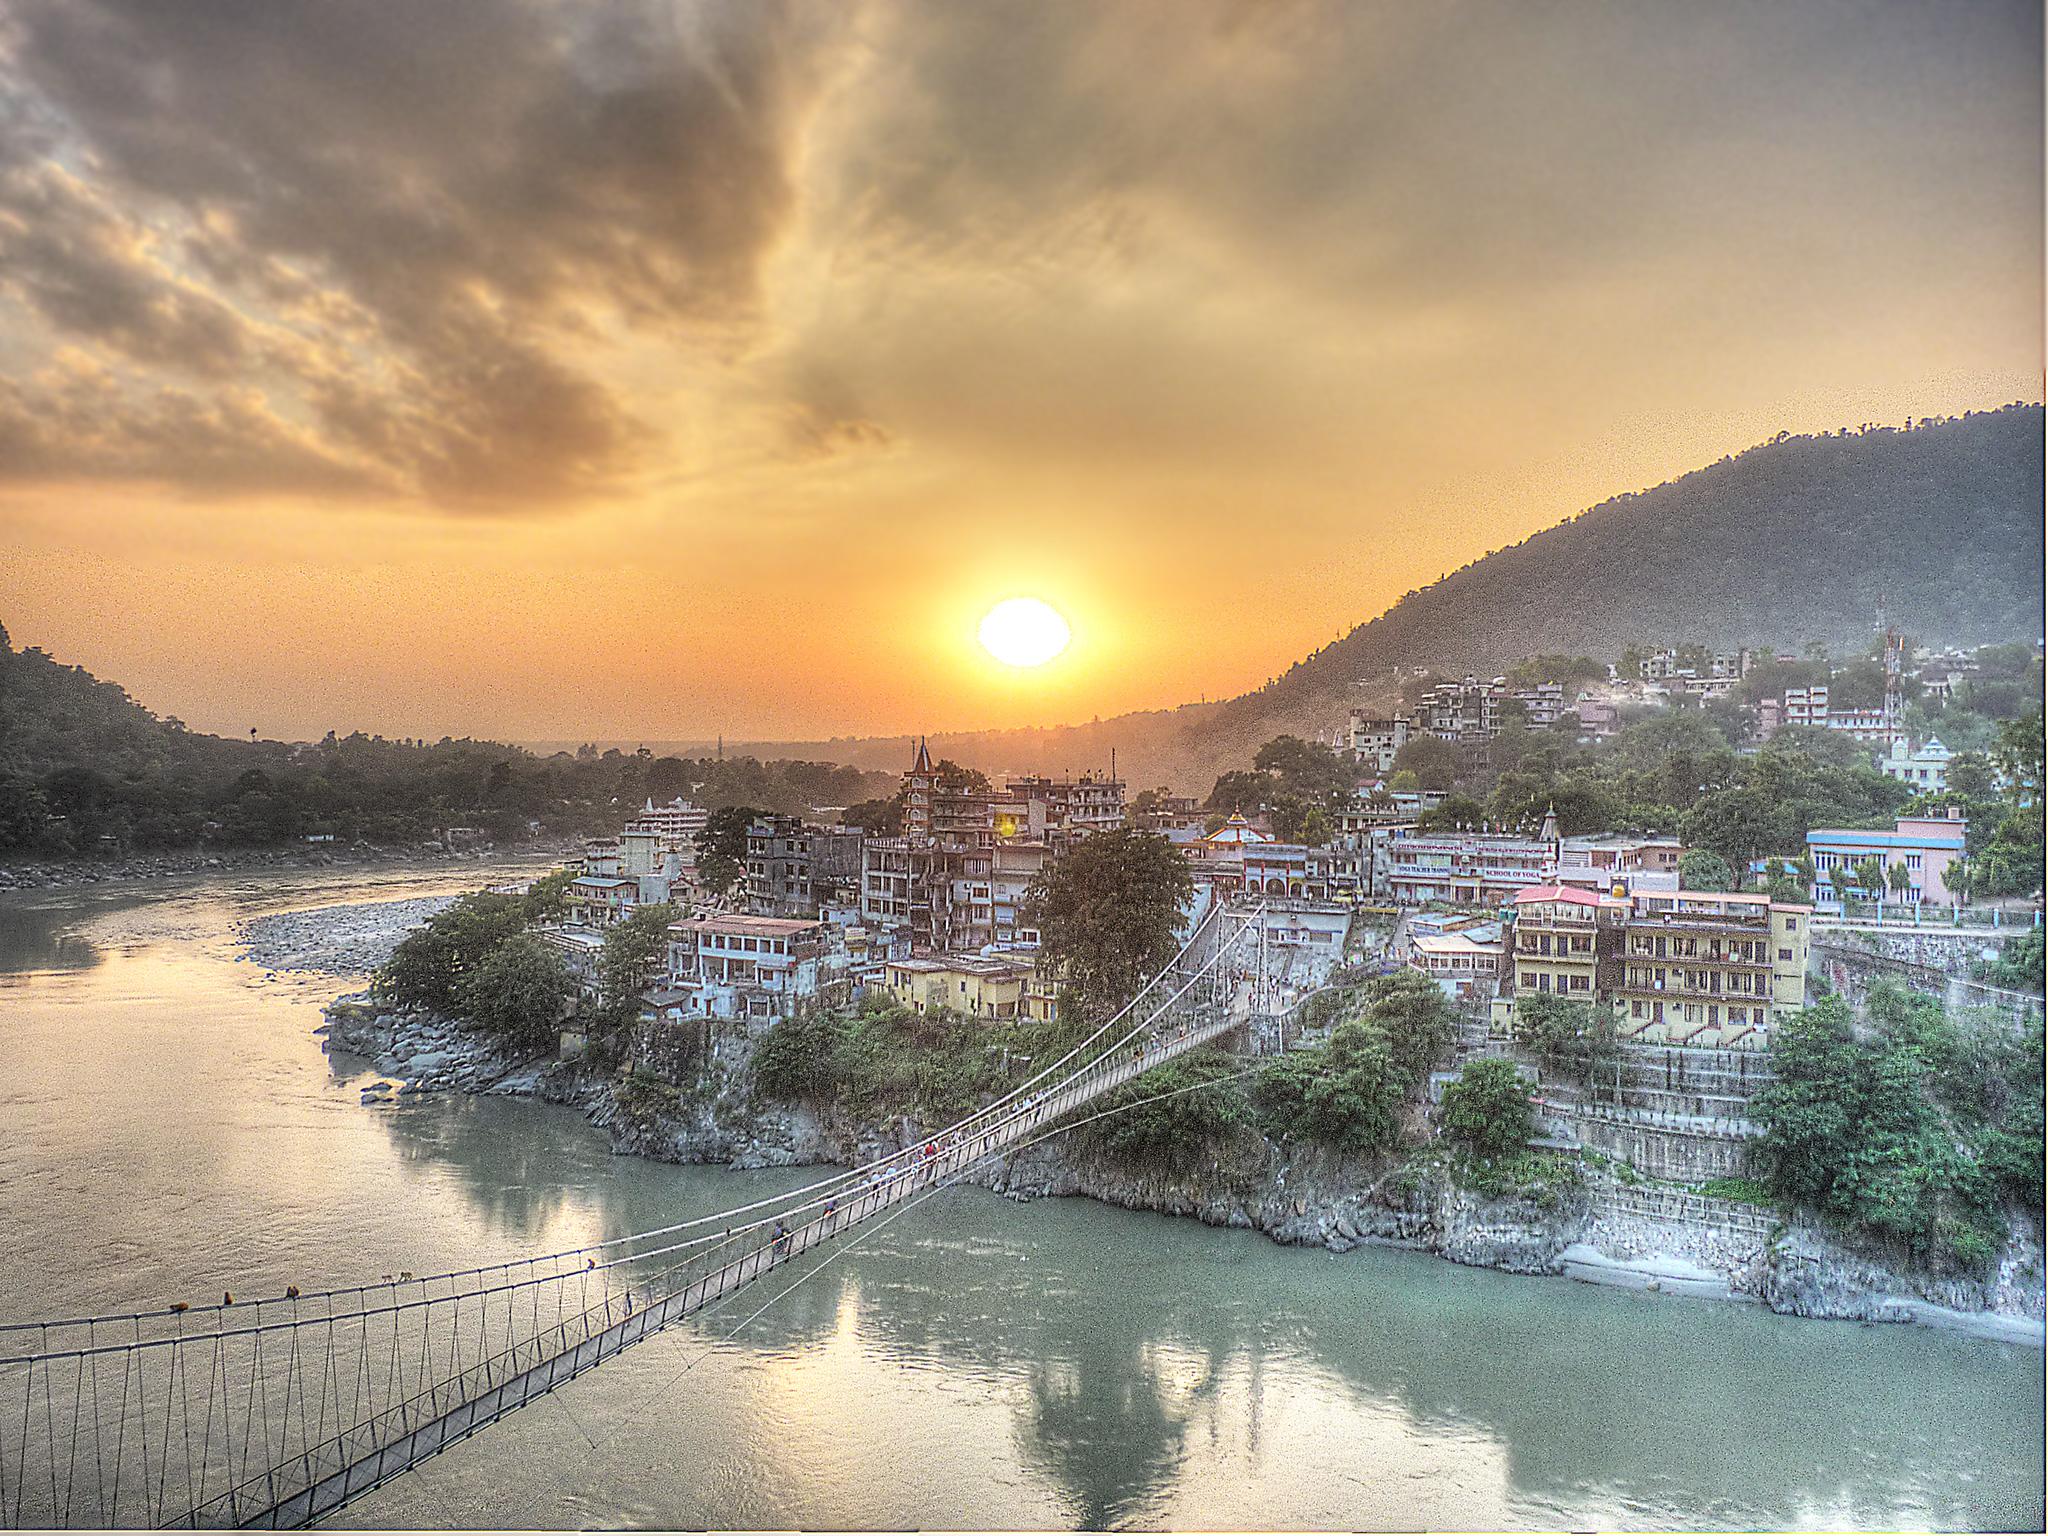 sunset_-_lakshman_jhula